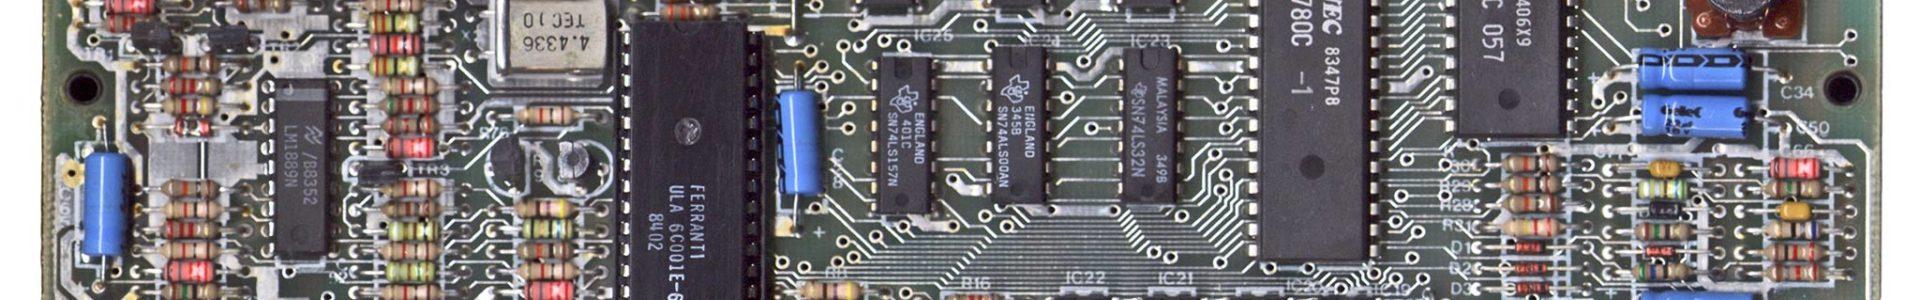 ASCOM Driver for Sony Cameras